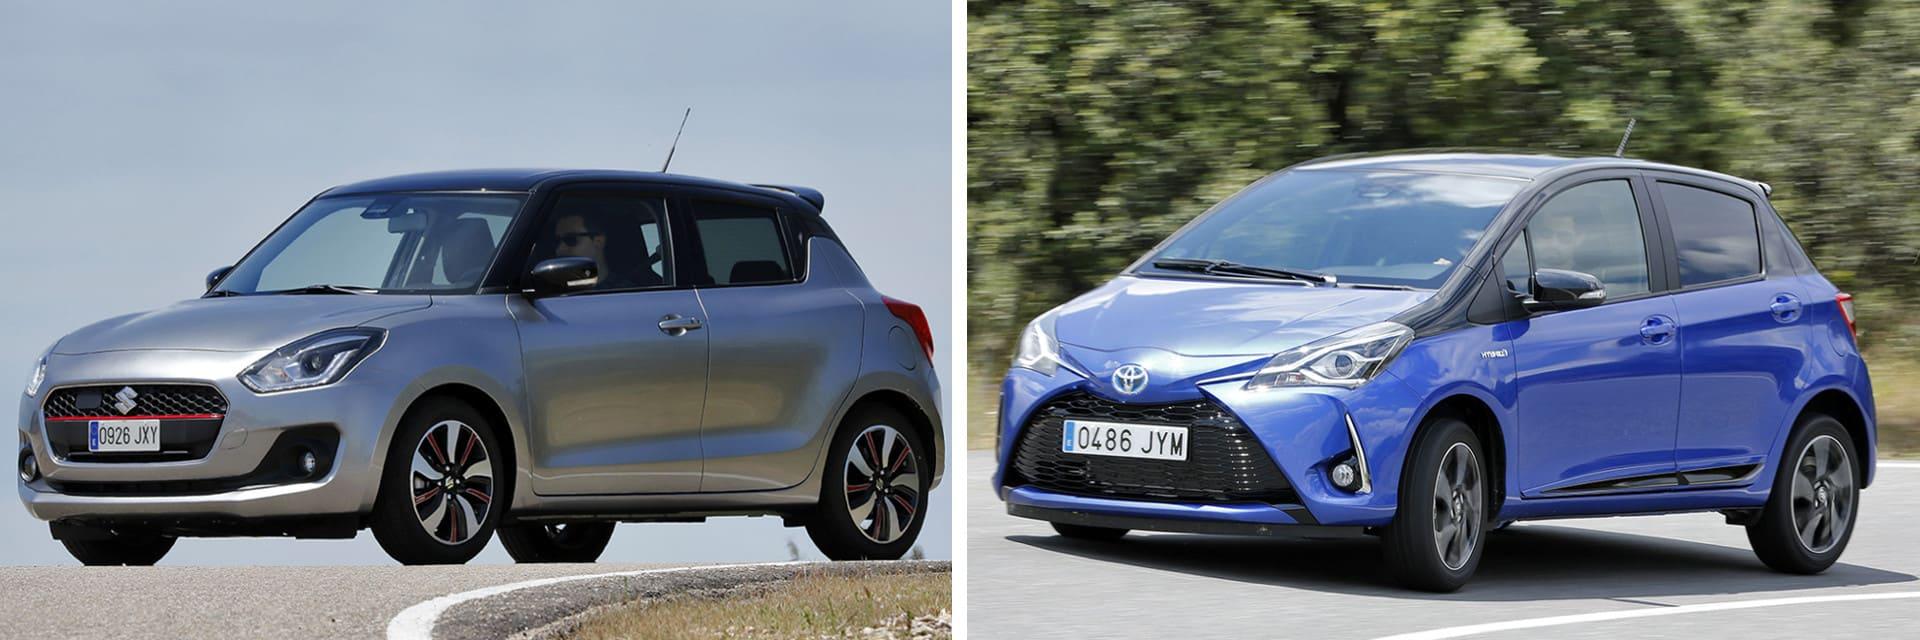 El Toyota Yaris 100H Feel! (dcha.) tiene un consumo más bajo que el Suzuki Swift 1.0 GLX SHVS (izq.)